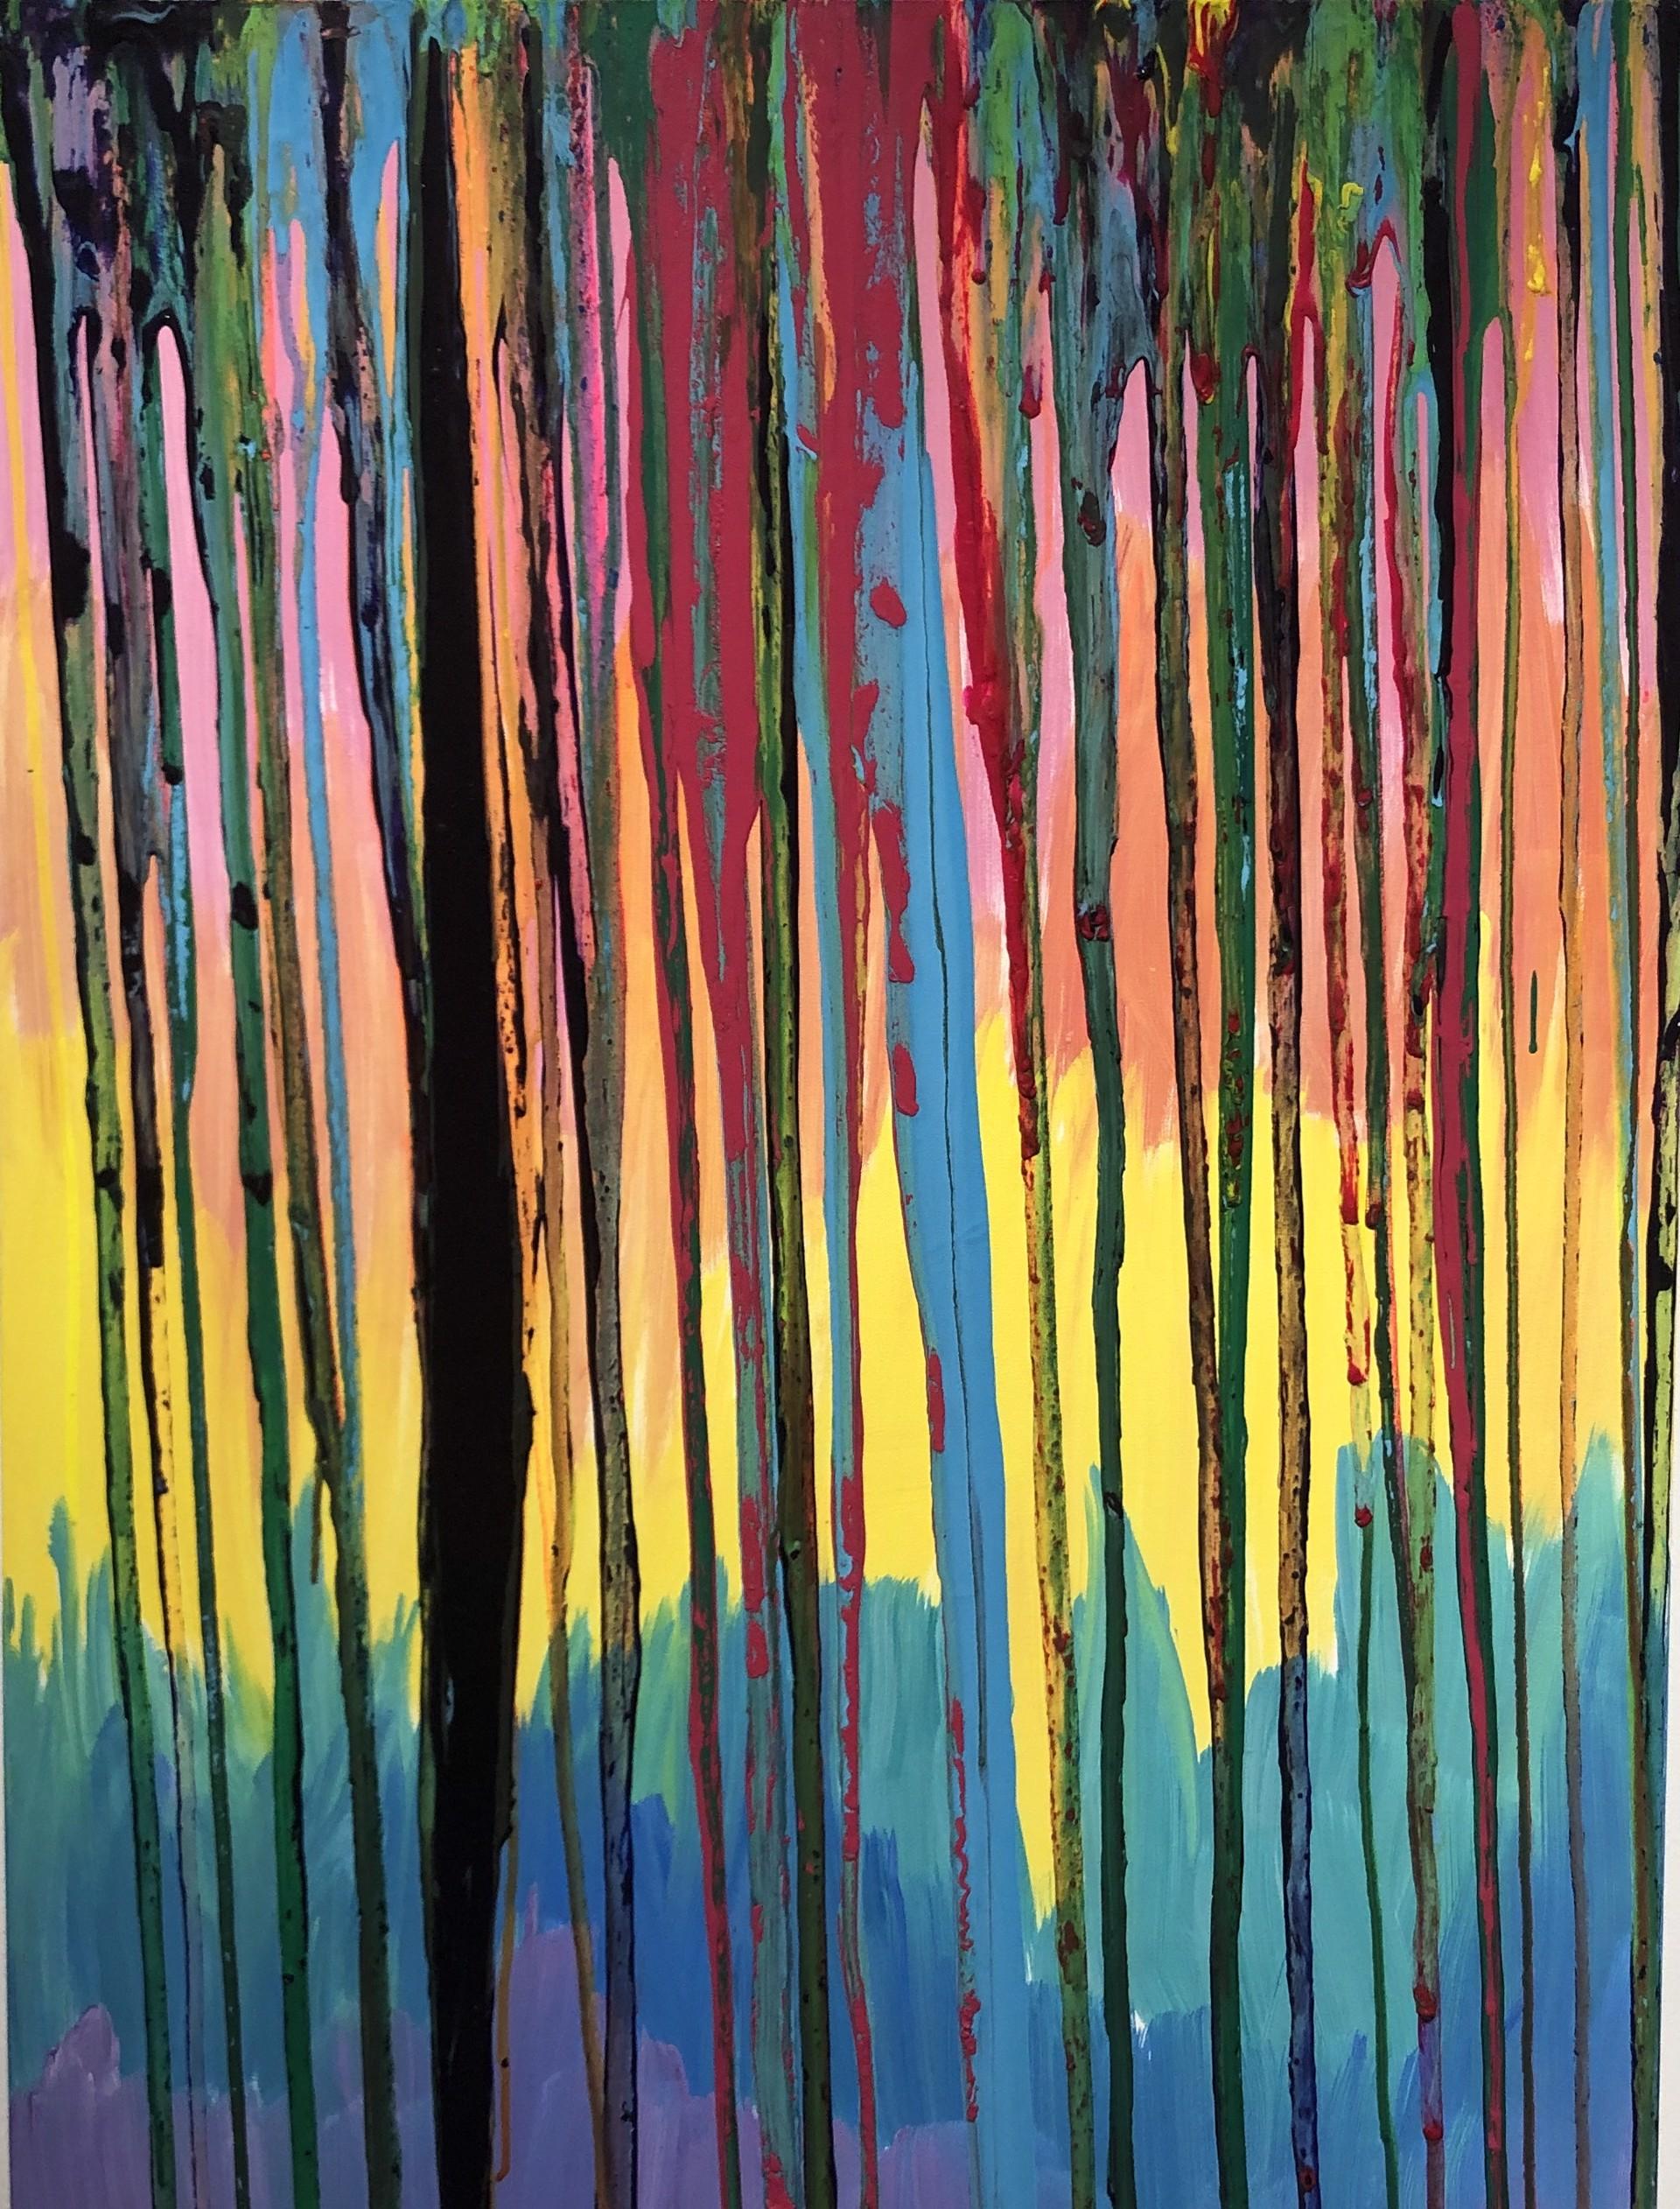 Rainbow by Chloe Lejnieks